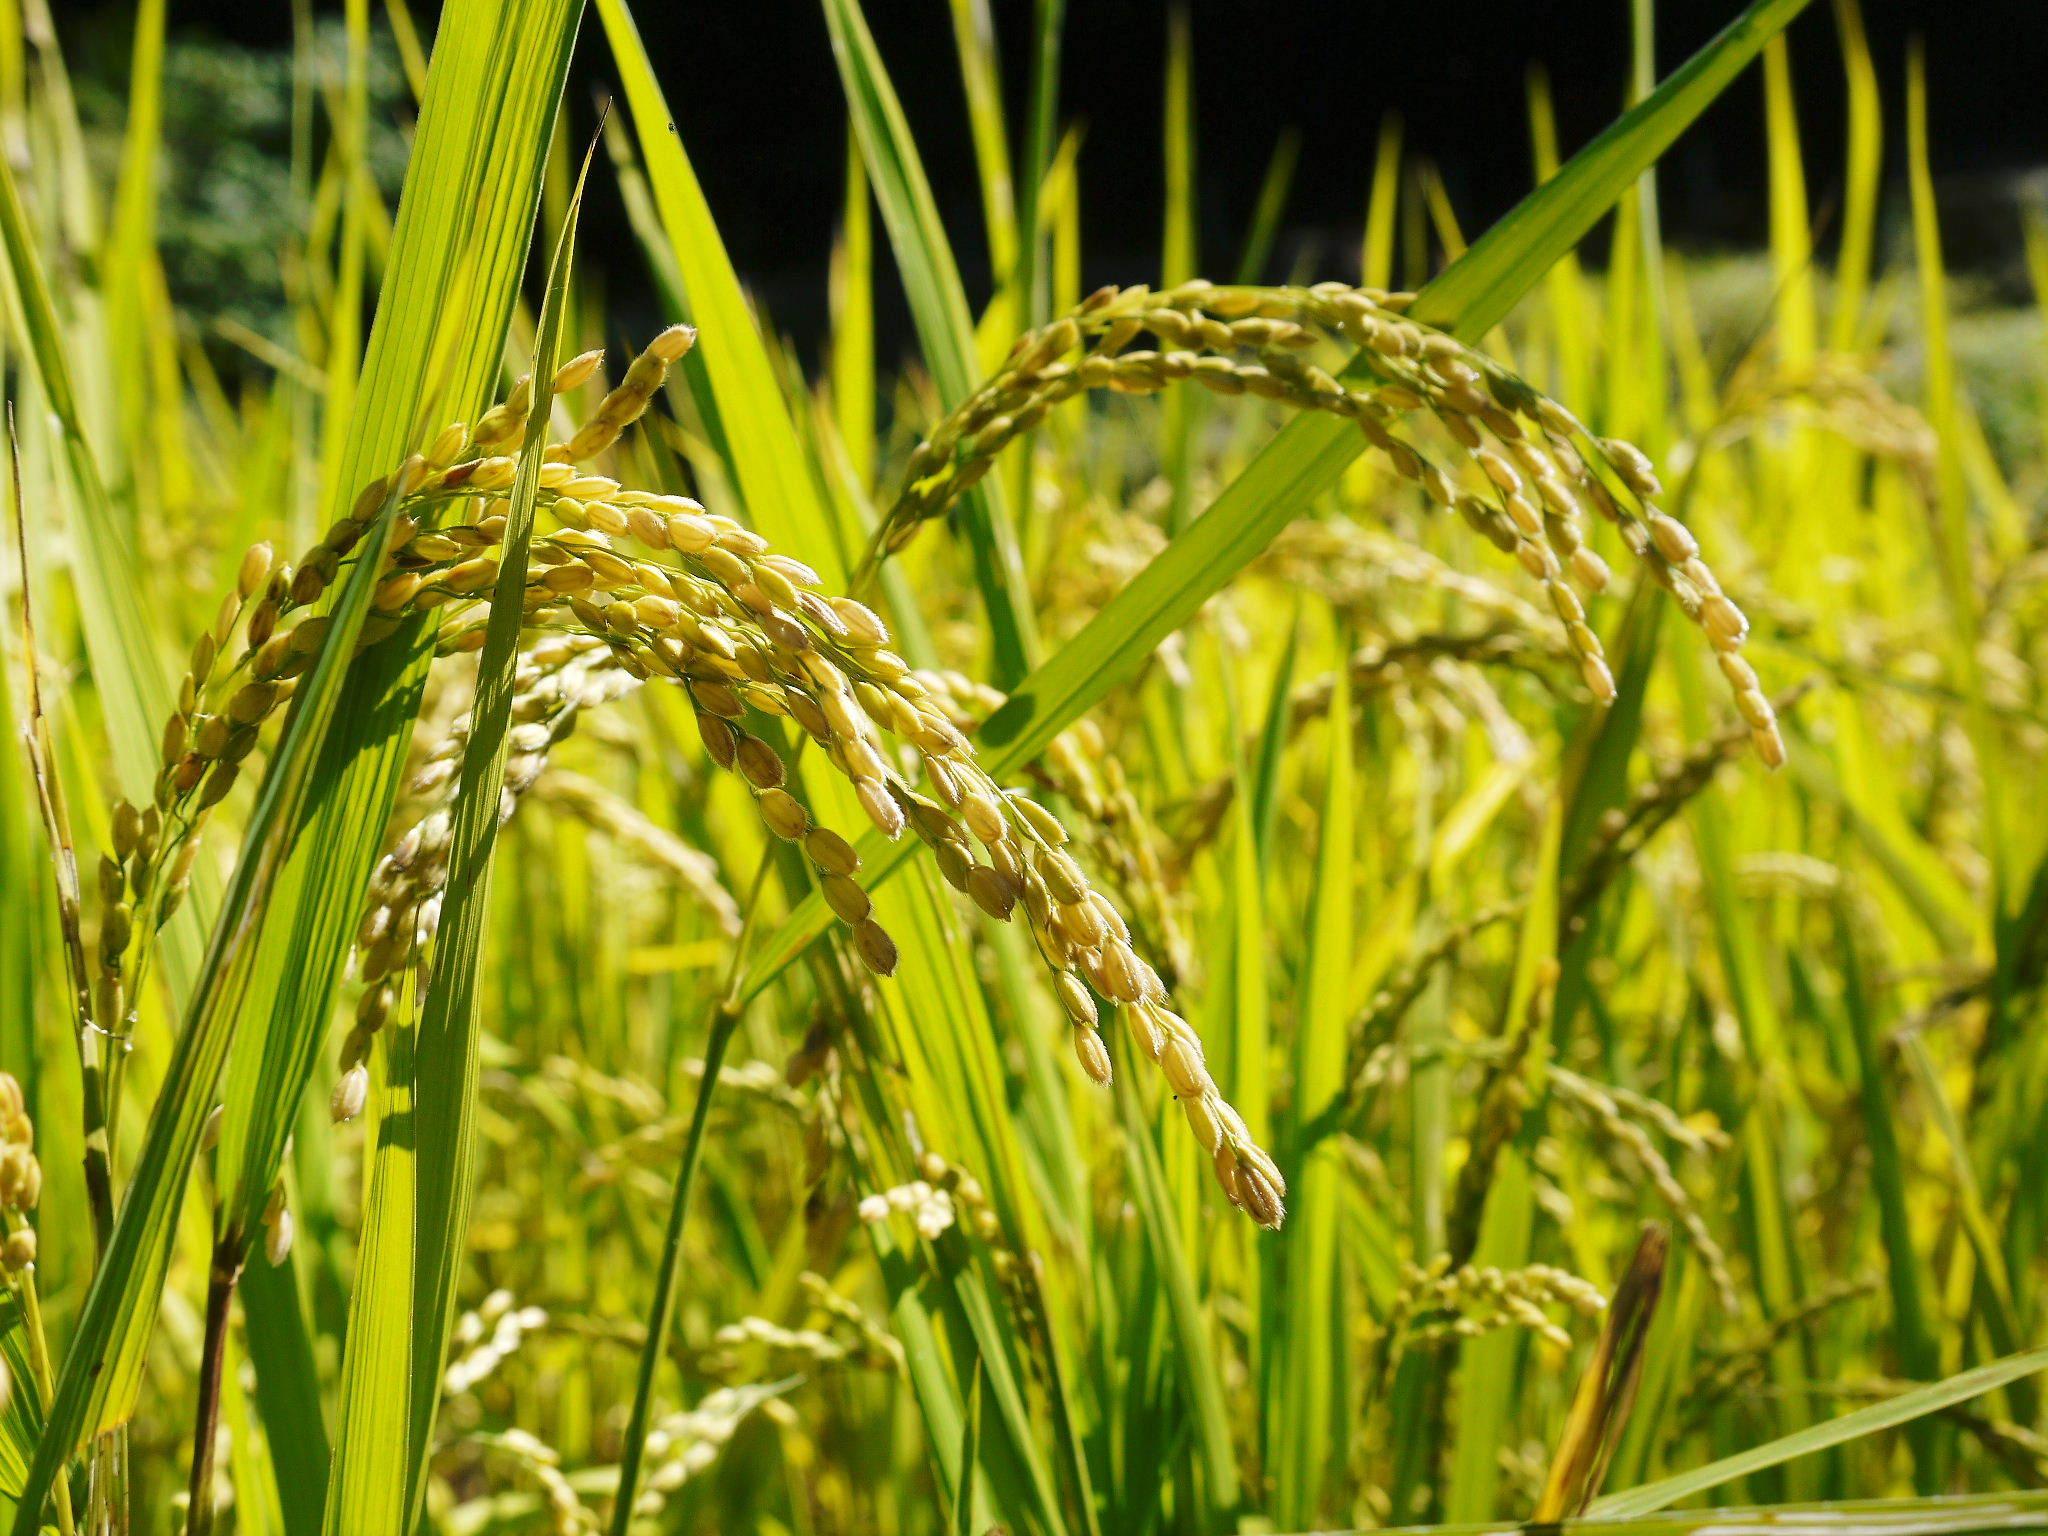 米作りの挑戦(2020) まもなく収穫!3年目の米作りは波乱もありながらなんとか順調?です!(前編)_a0254656_18035066.jpg